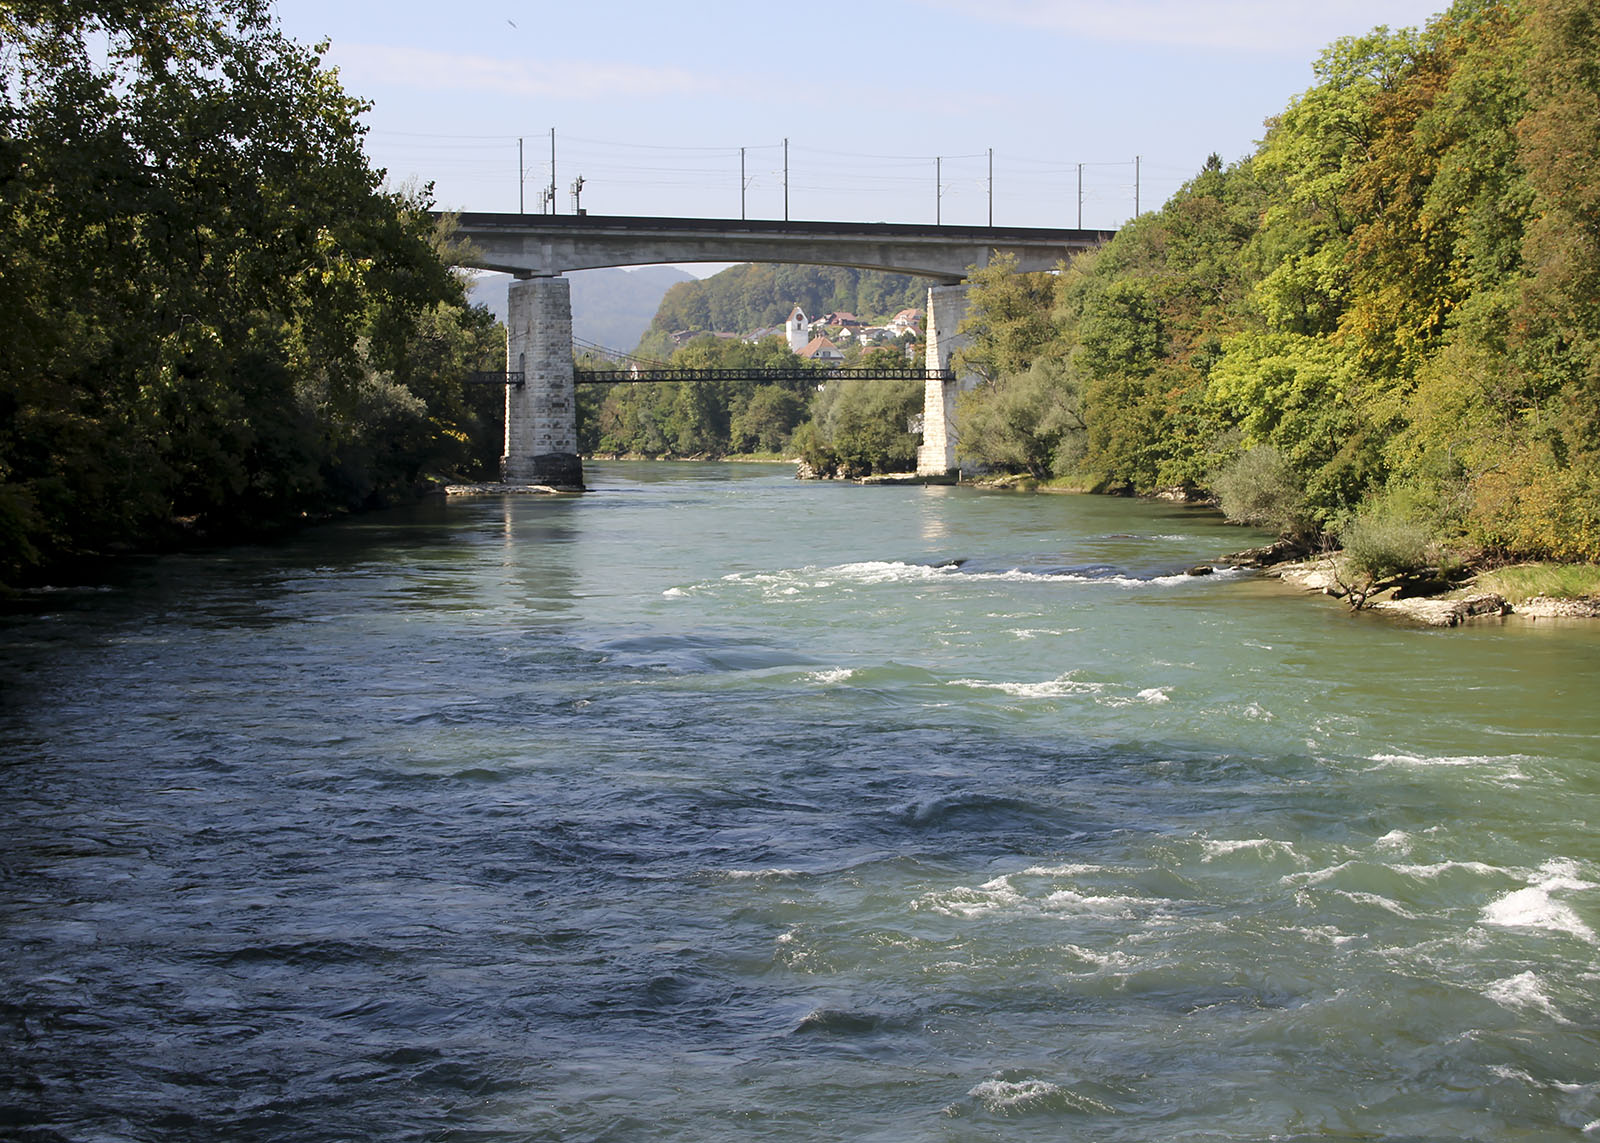 Am Unterlauf ist die Aare heute zu 80% gestaut oder als Restwasser unterwegs. In Brugg lässt sich der Fluss noch in seiner ungezähmten, weitgehend ursprünglichen Gestalt erleben. Umso wichtiger ist es, beim Erhalt dieses Naturdenkmals keine Kompromisse einzugehen